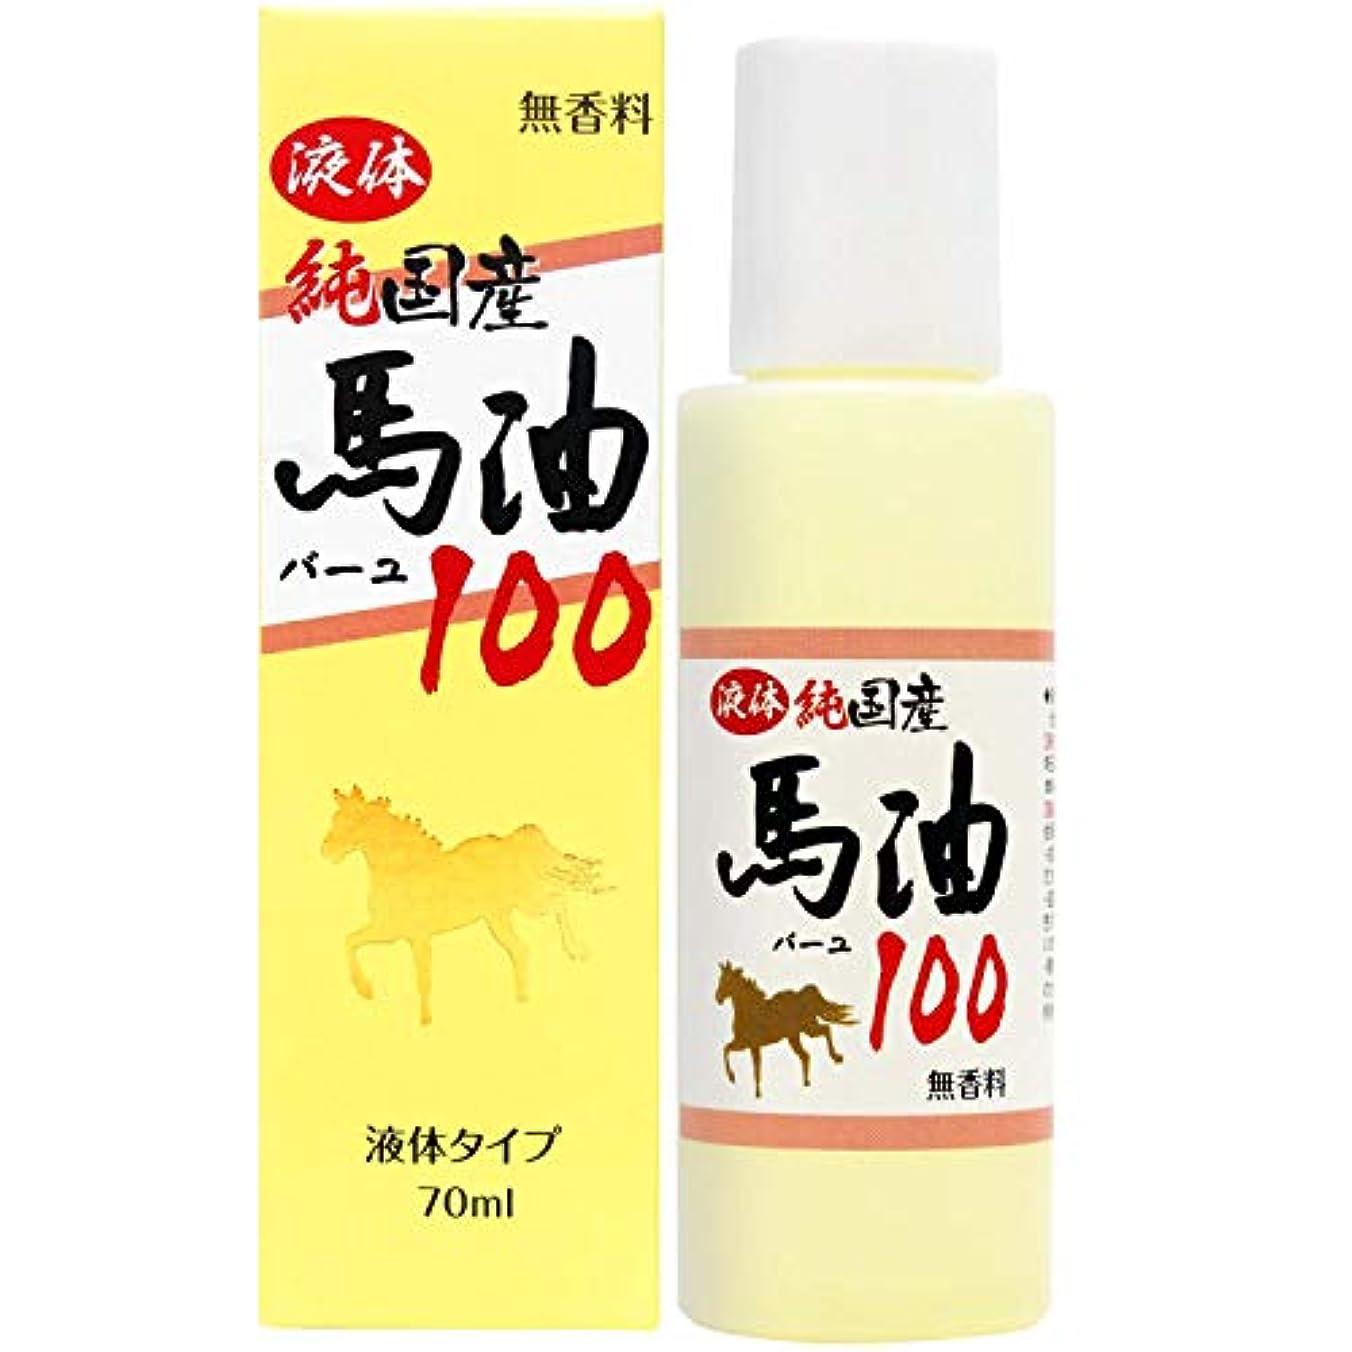 適応する部分夏ユウキ製薬 液体純国産馬油100 70ml